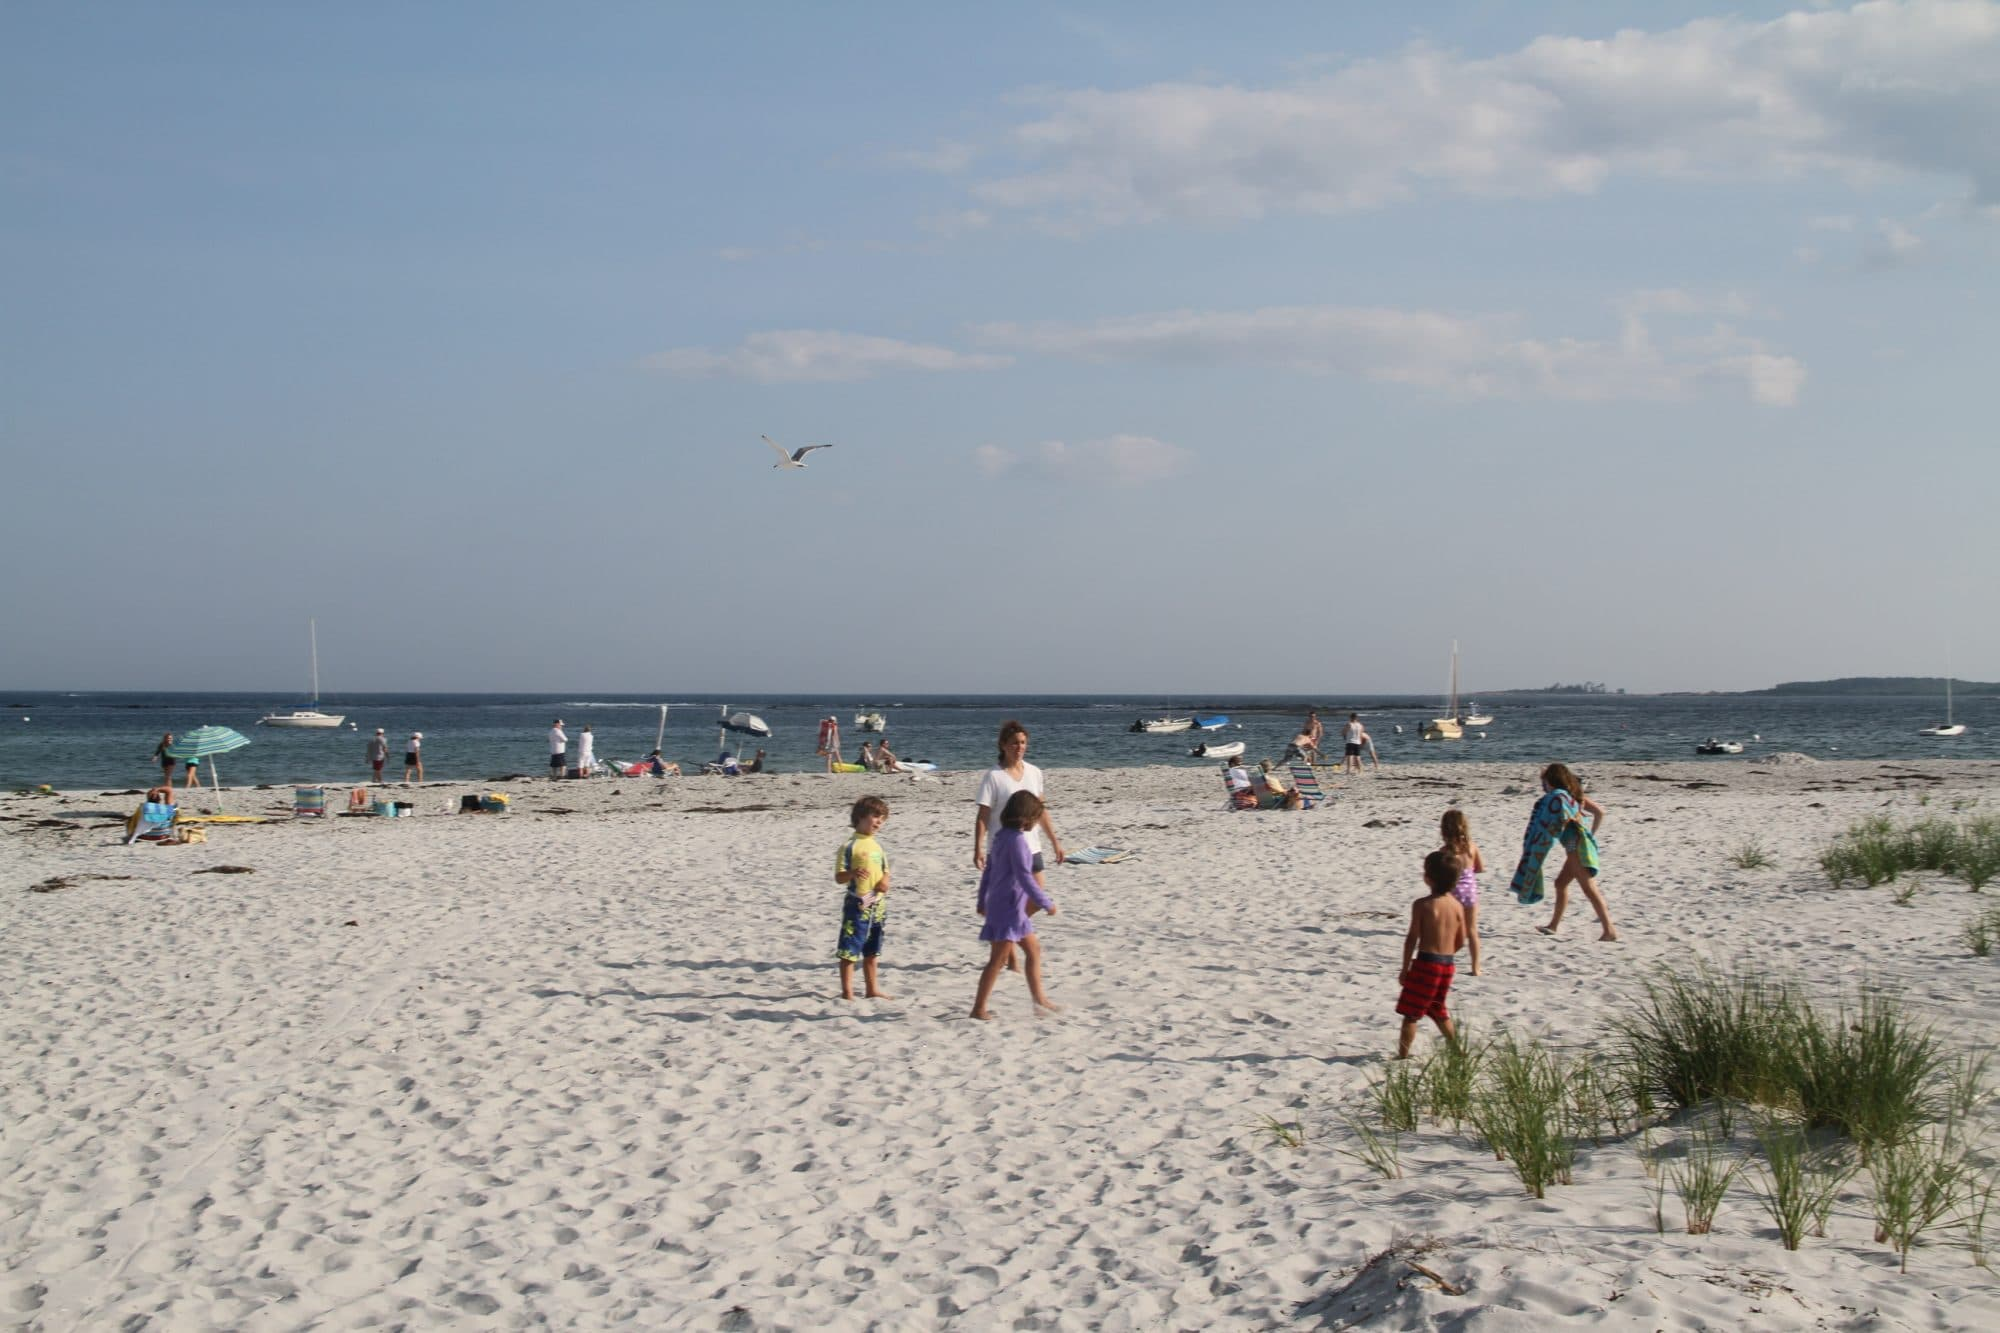 goose-rocks-beach-kids-playing